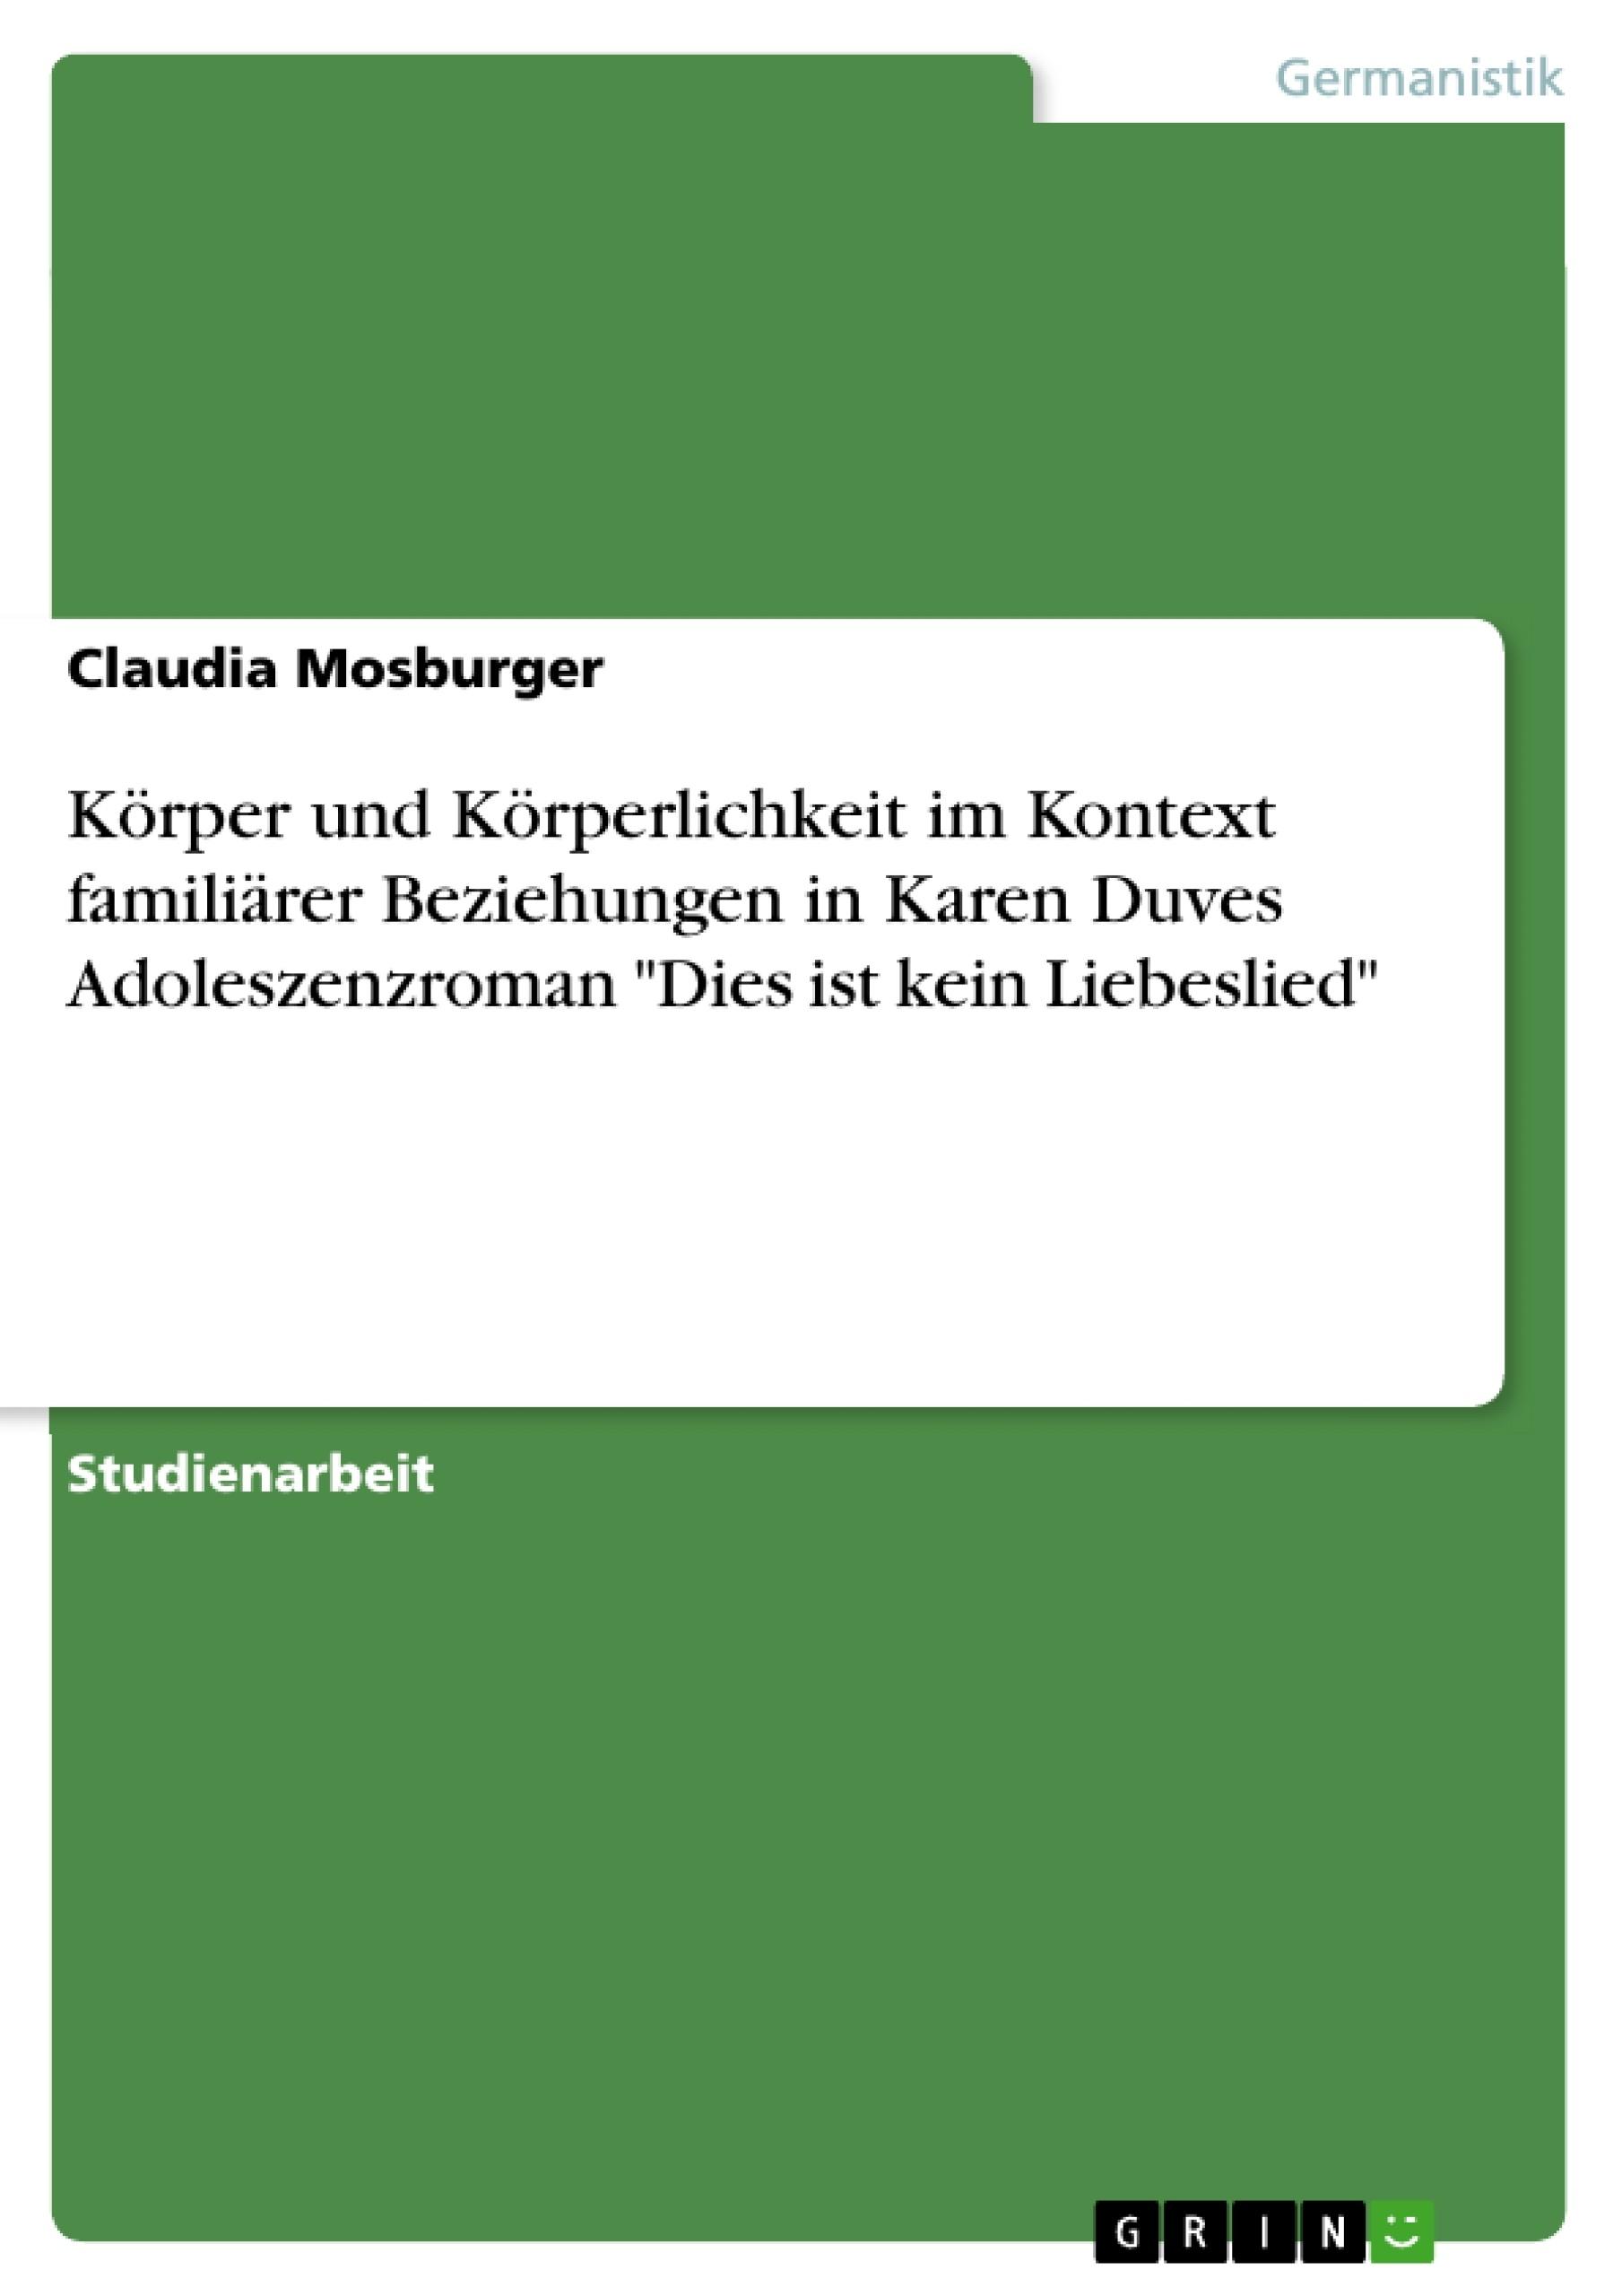 """Titel: Körper und Körperlichkeit im Kontext familiärer Beziehungen in Karen Duves Adoleszenzroman """"Dies ist kein Liebeslied"""""""